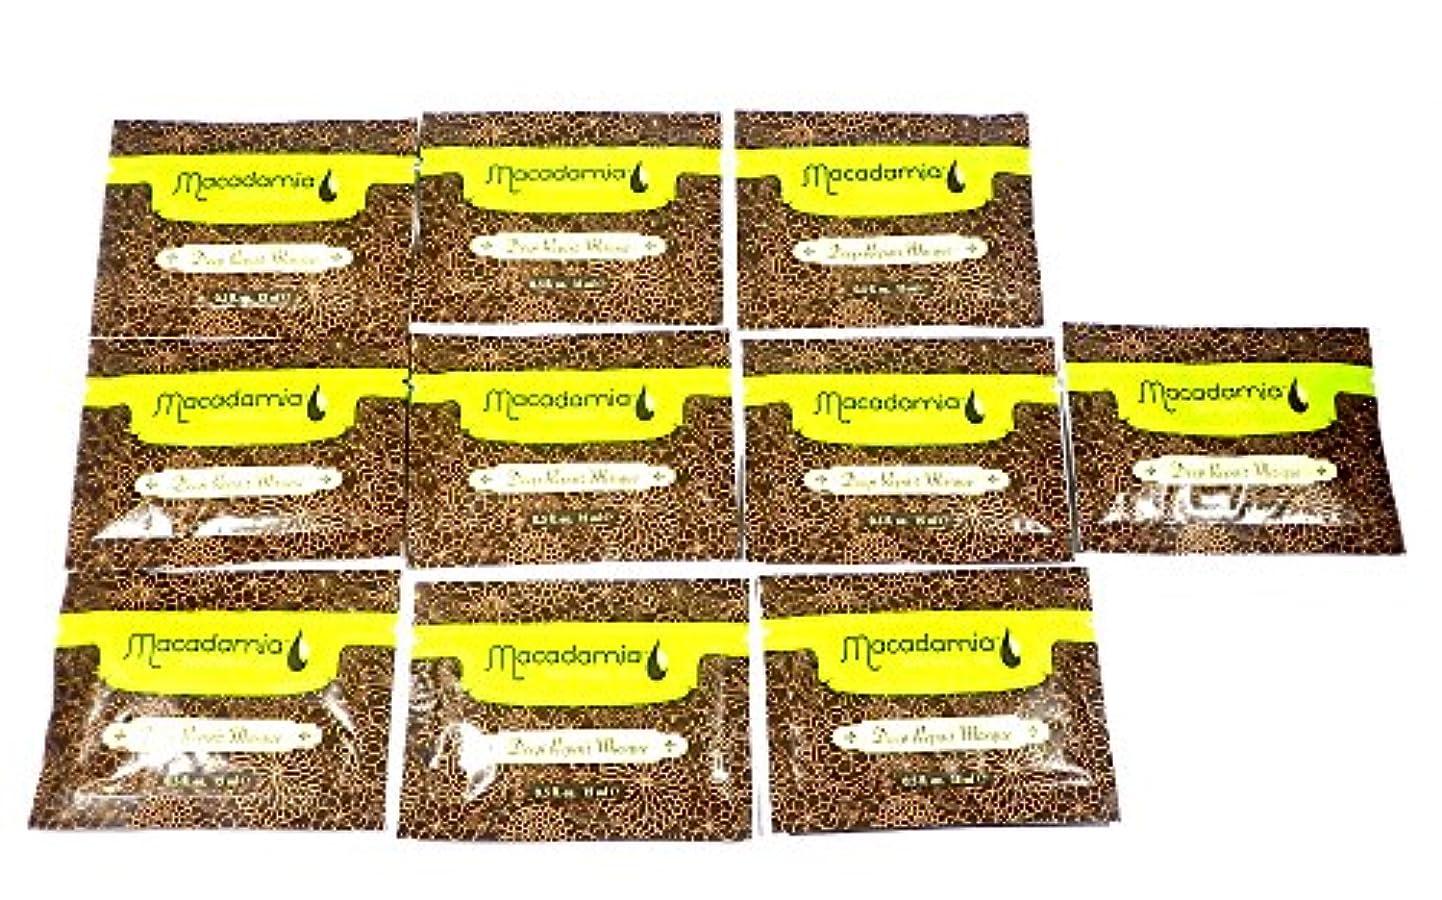 列挙するランク受け入れたマカダミアナチュラルオイル MNOマスク 10袋セット(150mL分)